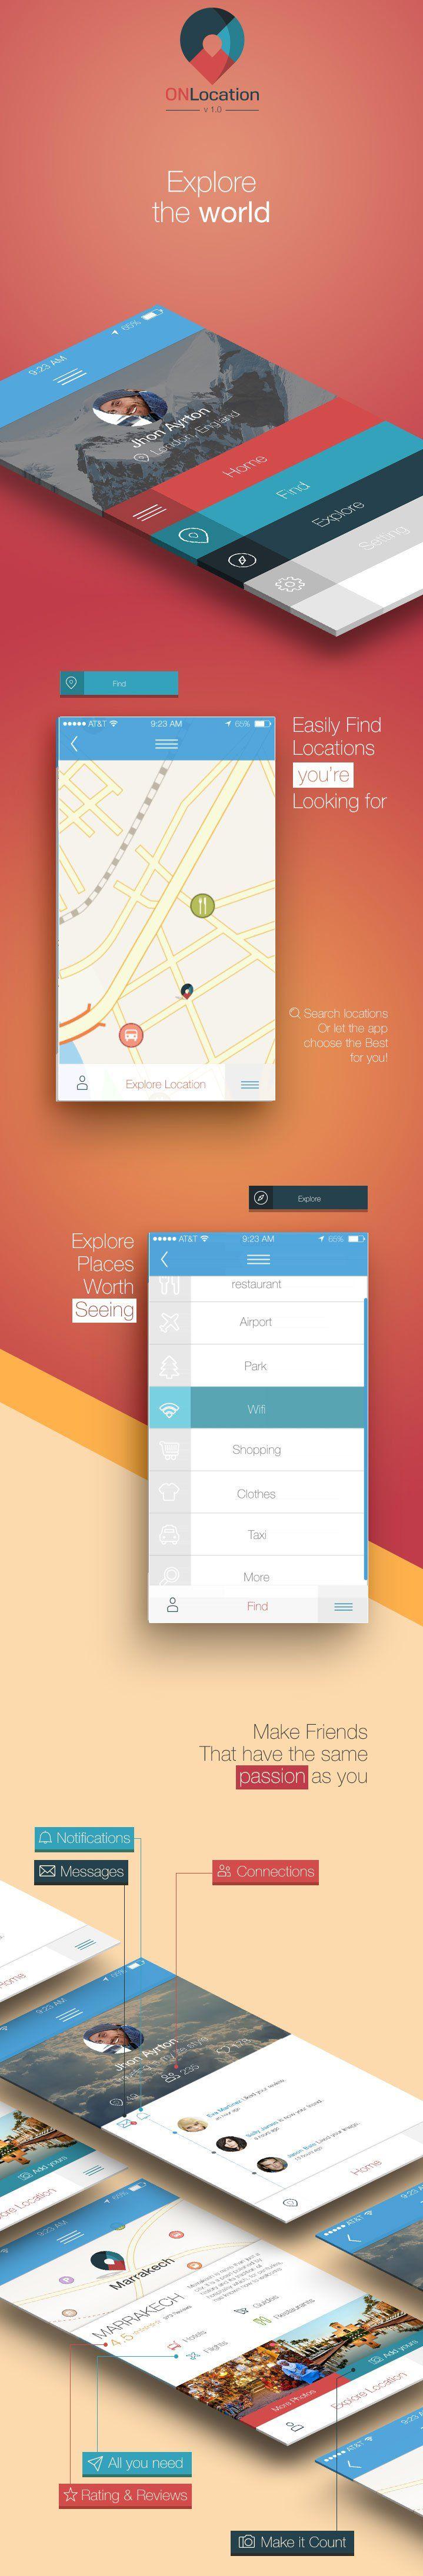 17 besten Android design Bilder auf Pinterest | Android ui ...